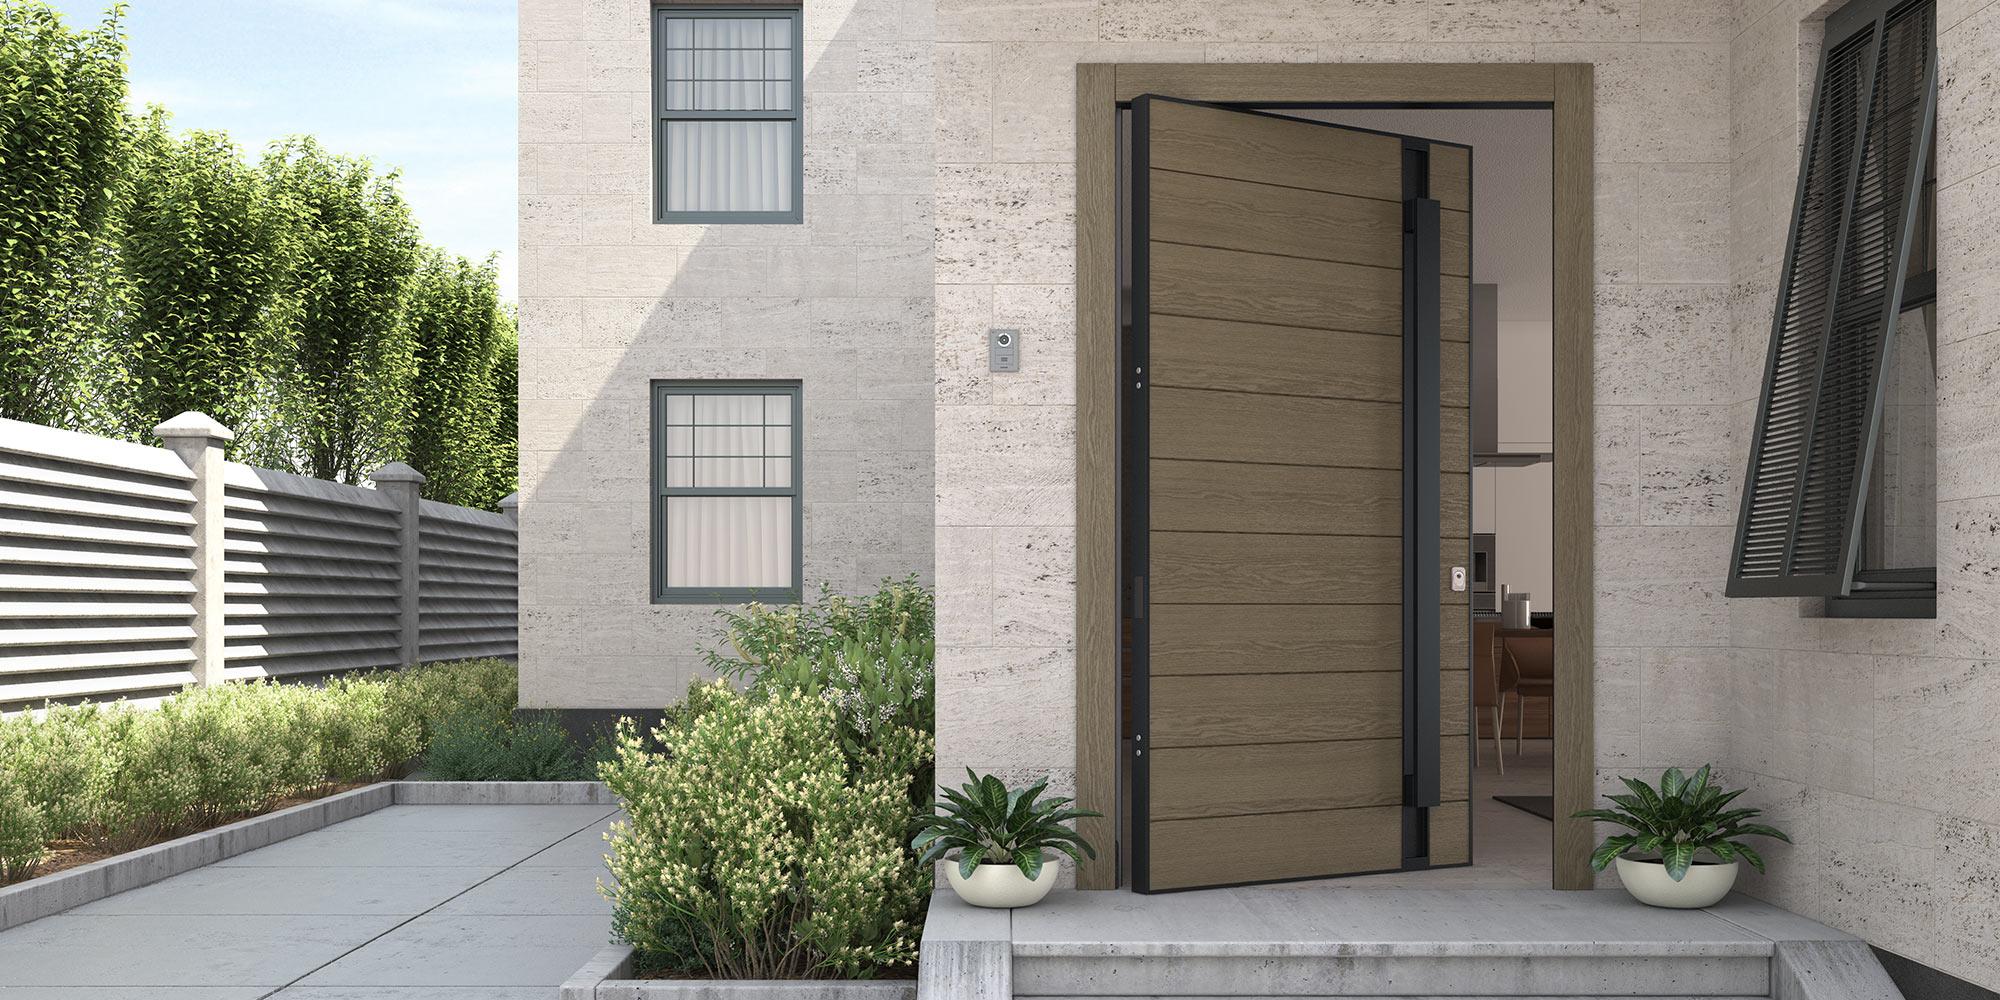 Image result for Thorakismenes portes